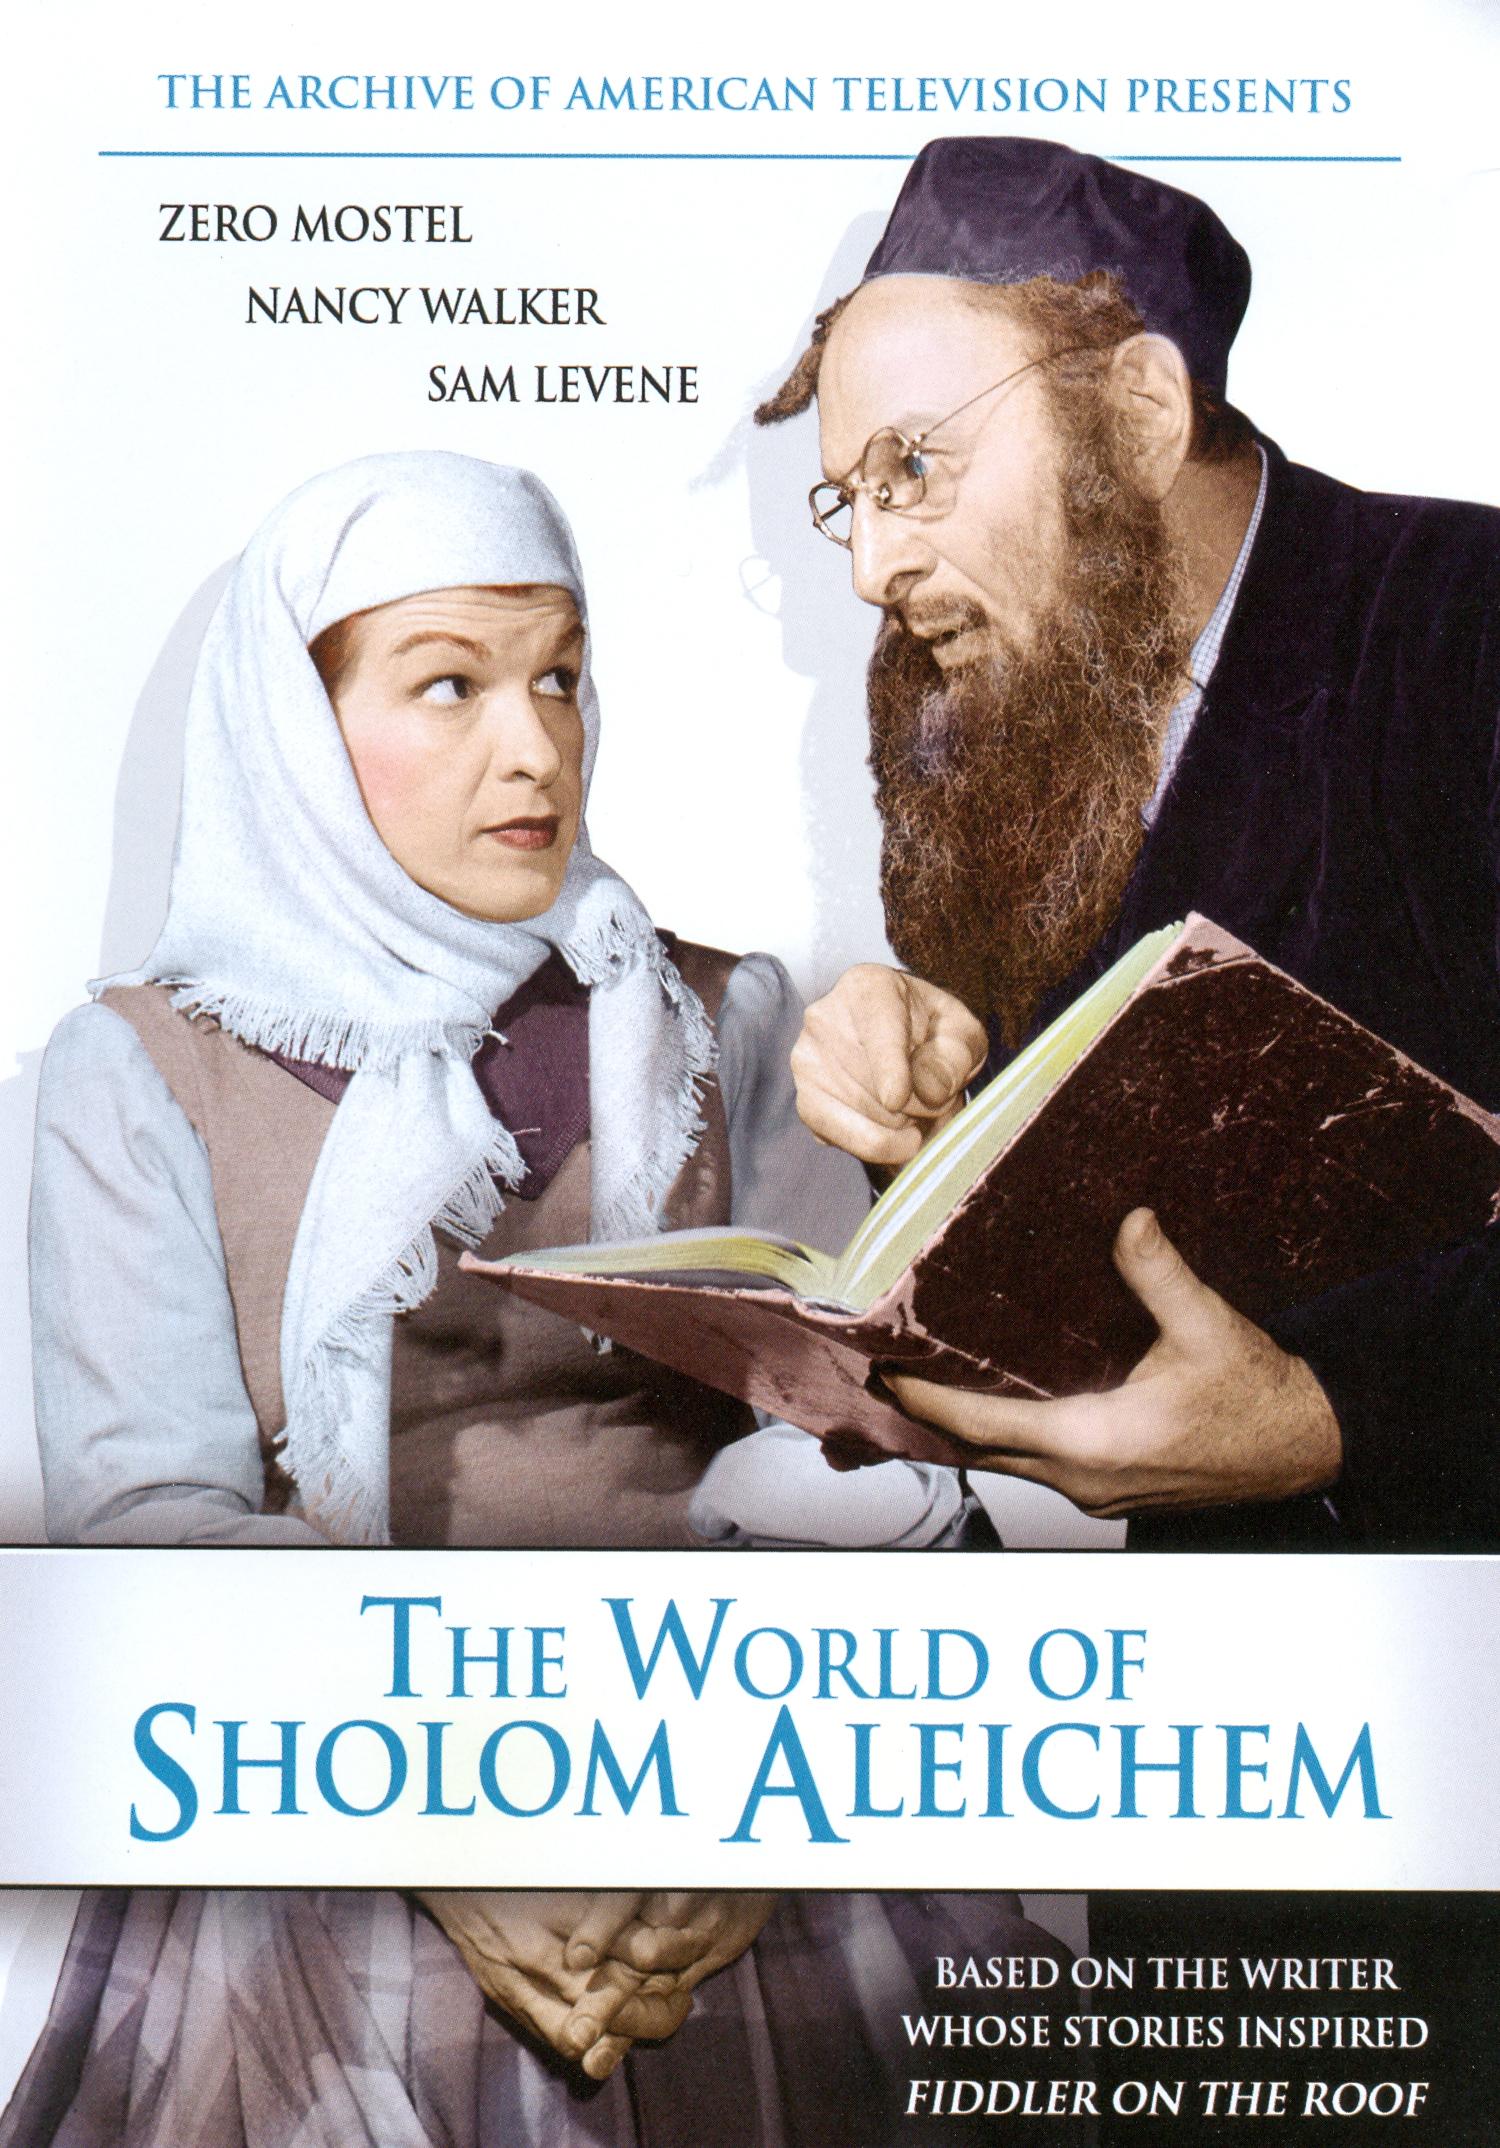 World of Sholom Aleichem